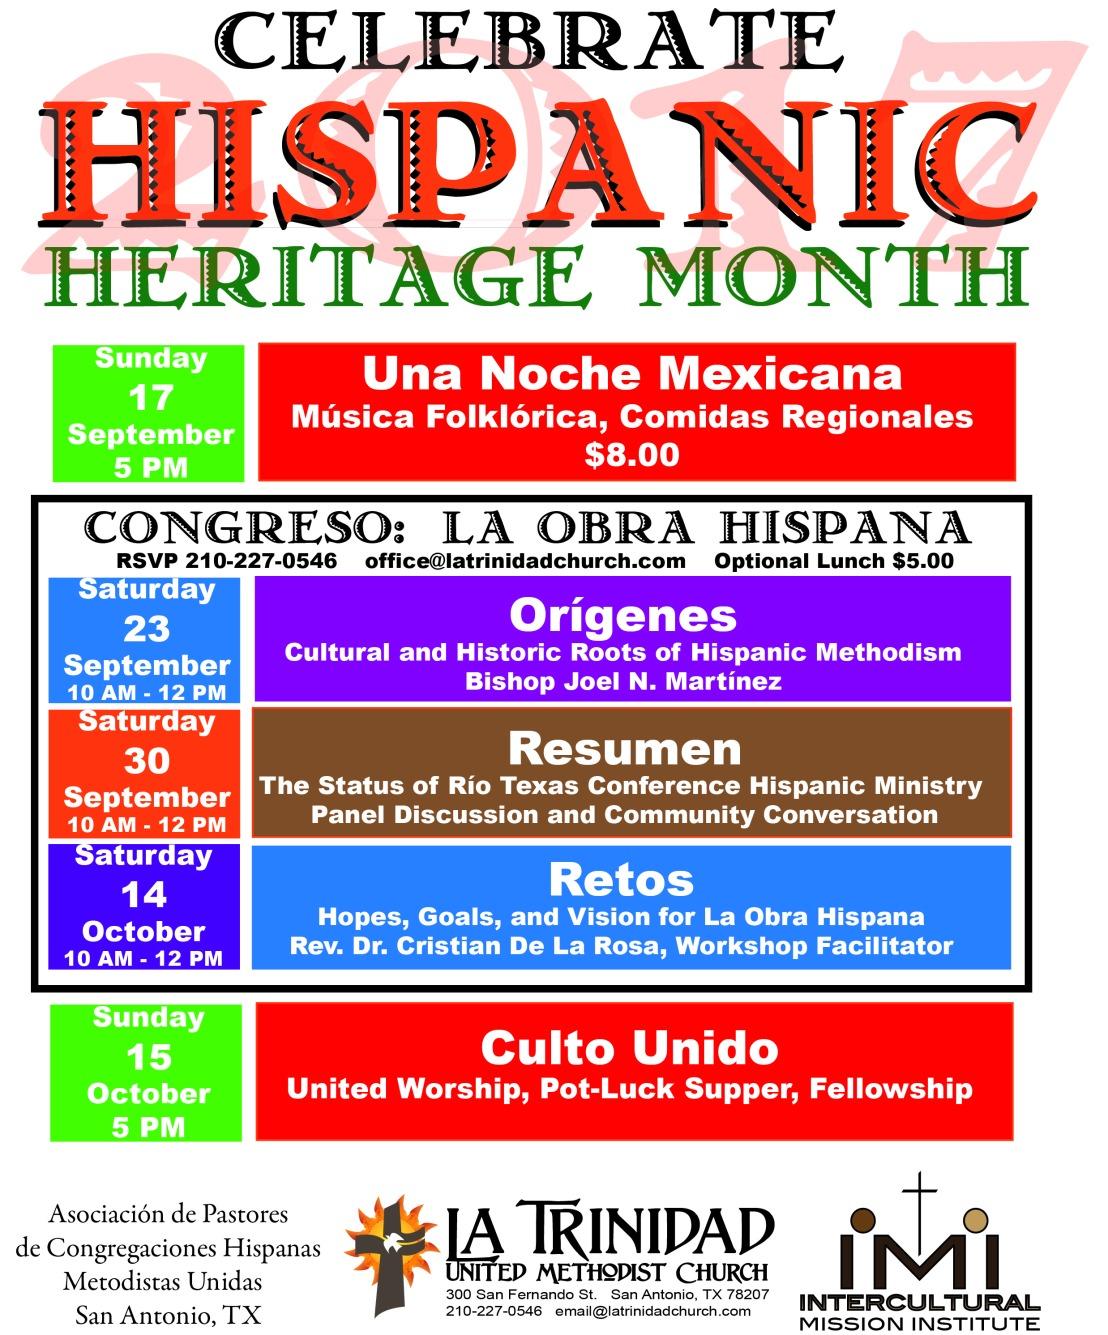 Mes de la Herencia Hispánica 2017